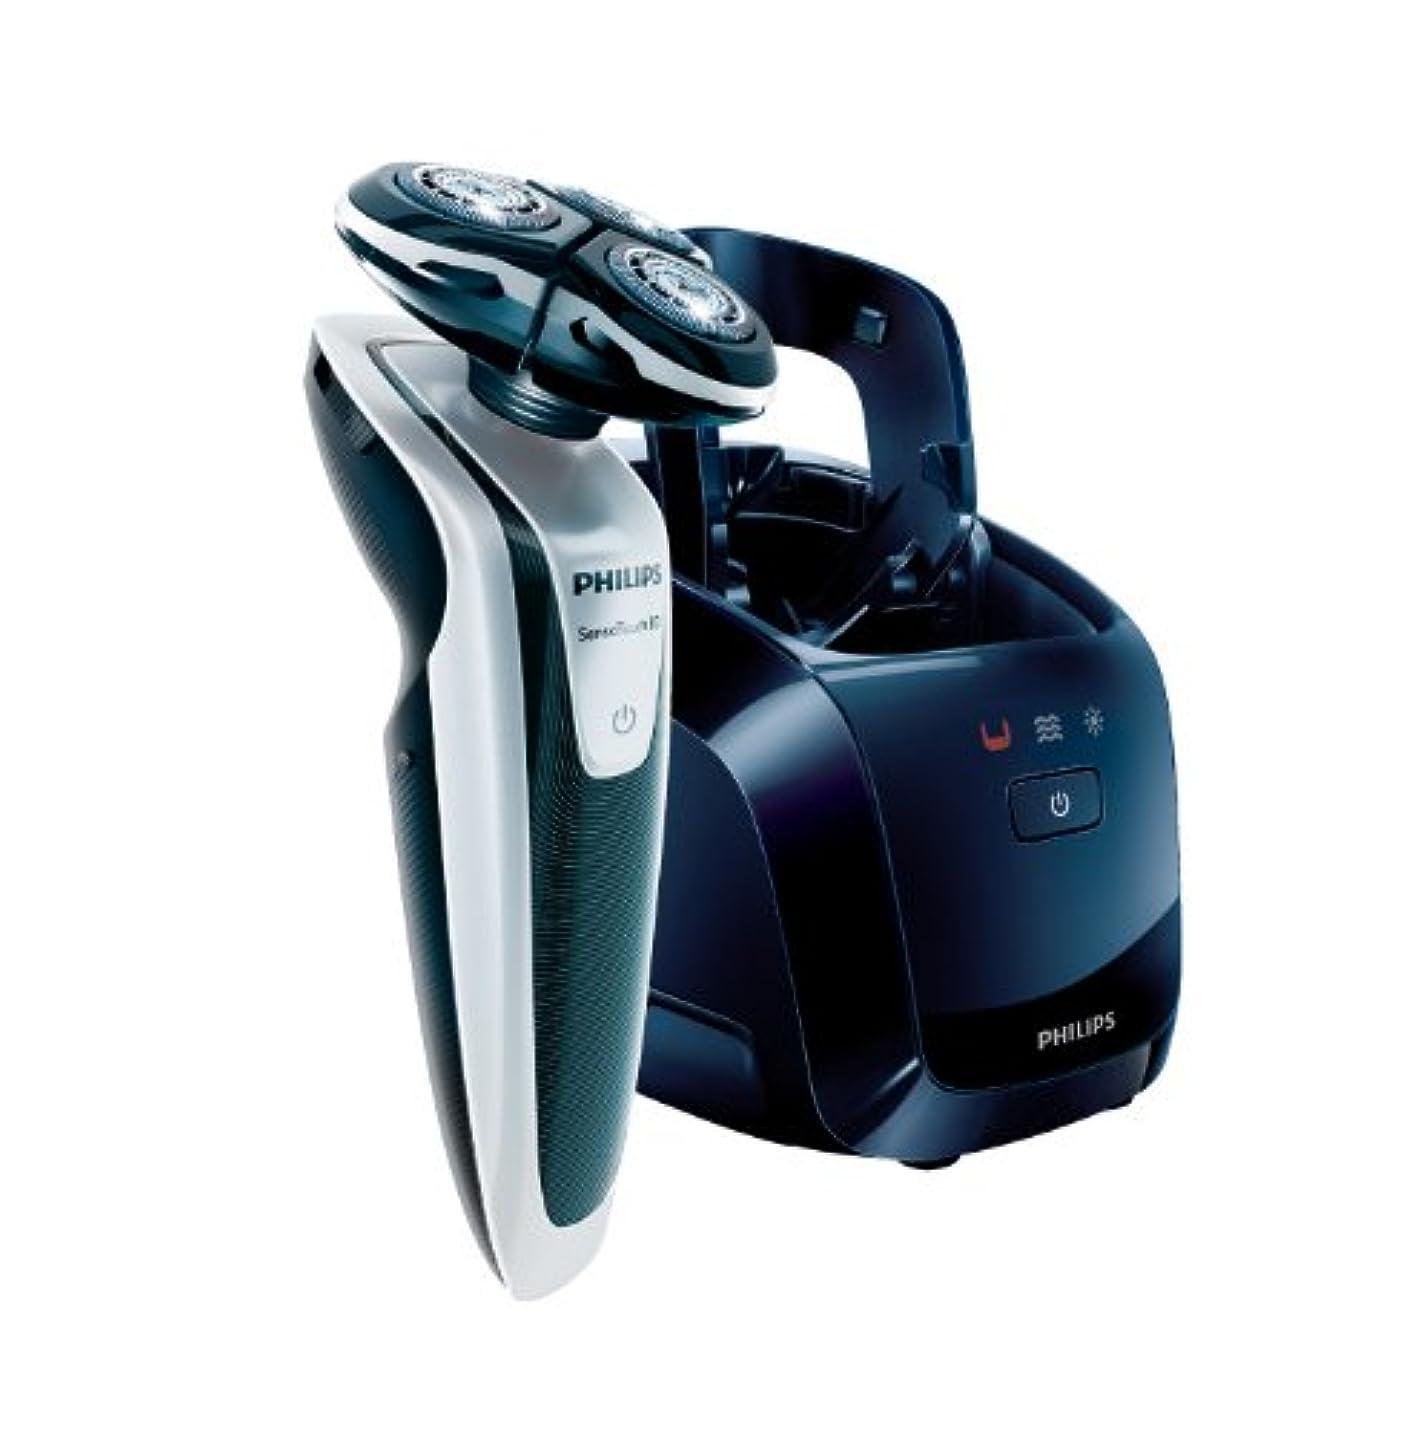 ビン言語サスペンションフィリップス シェーバー センソタッチ3D【洗浄充電器付】RQ1251CC